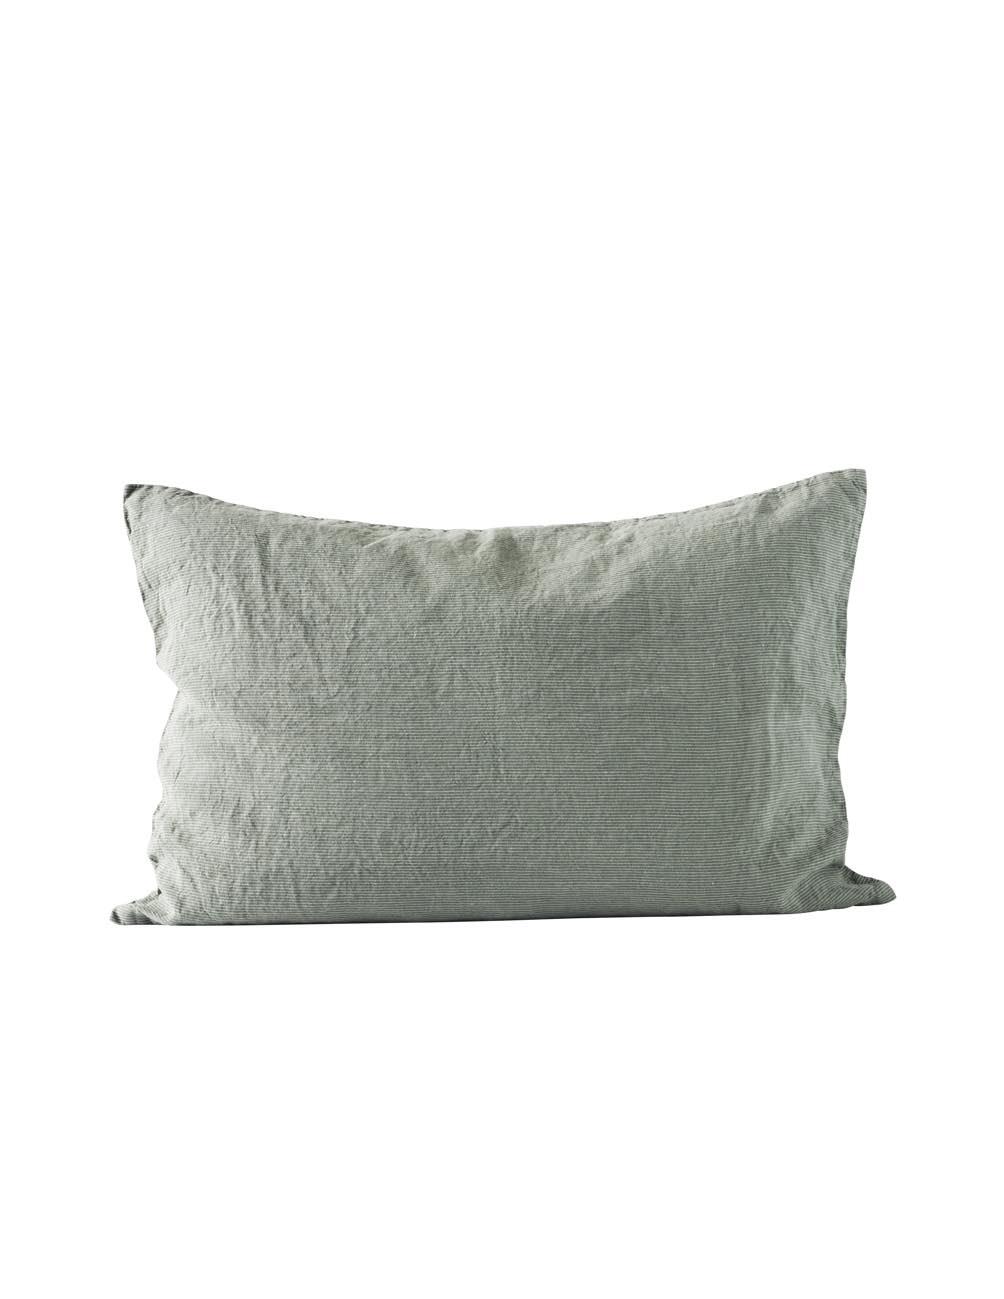 Agave Pin Stripe Cushion cover 50x75cm